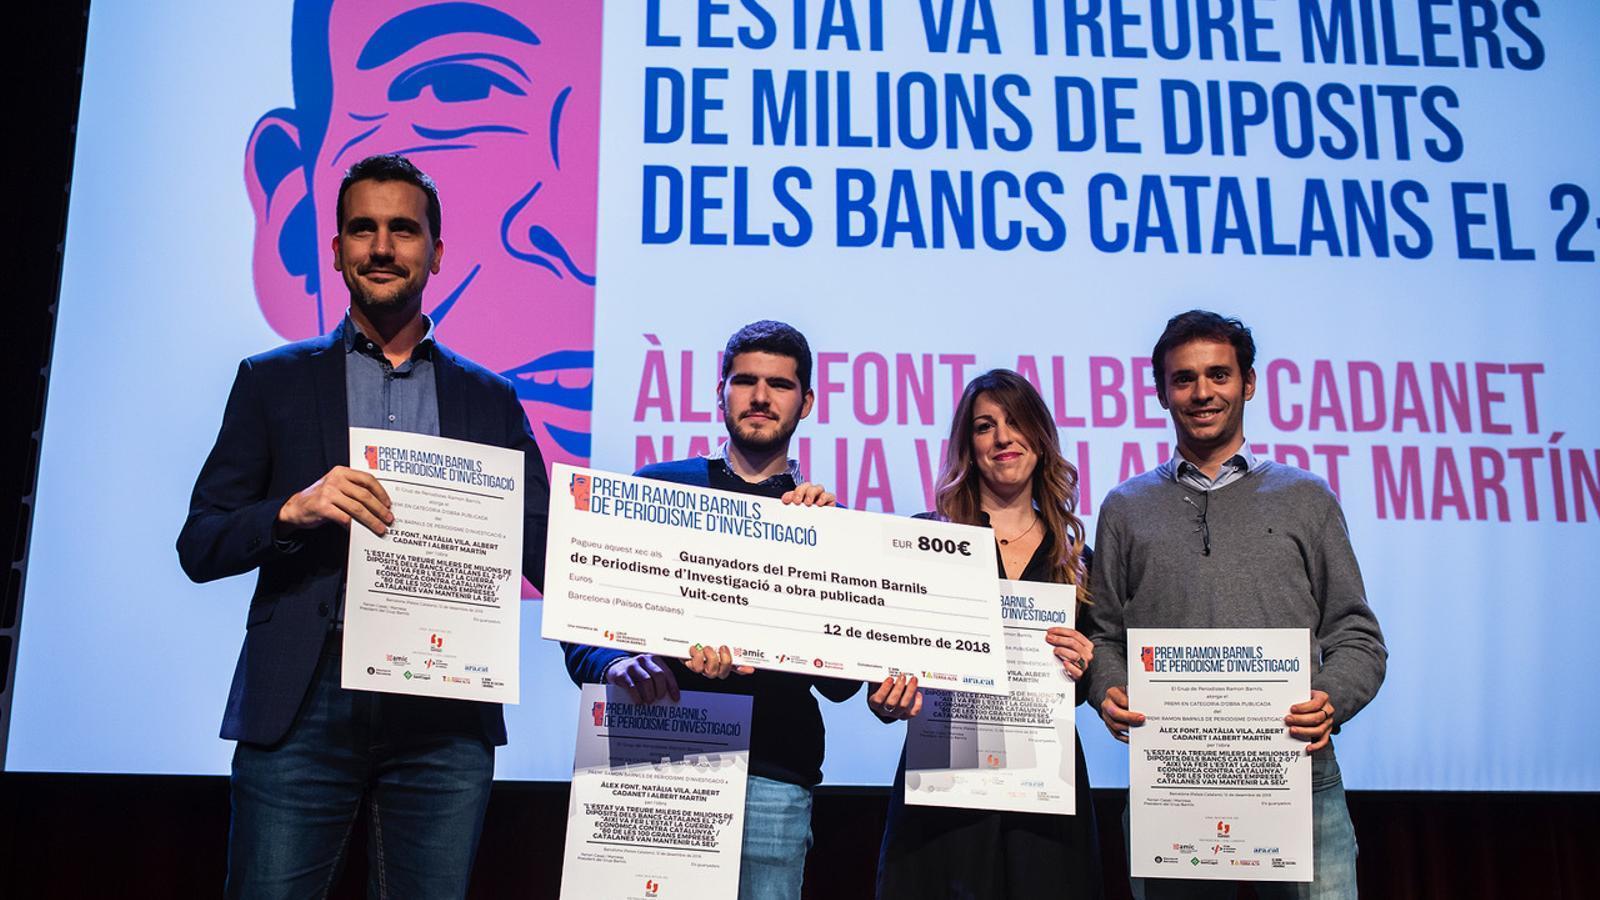 Premi Barnils a l'ARA per investigar la repressió econòmica de l'Estat